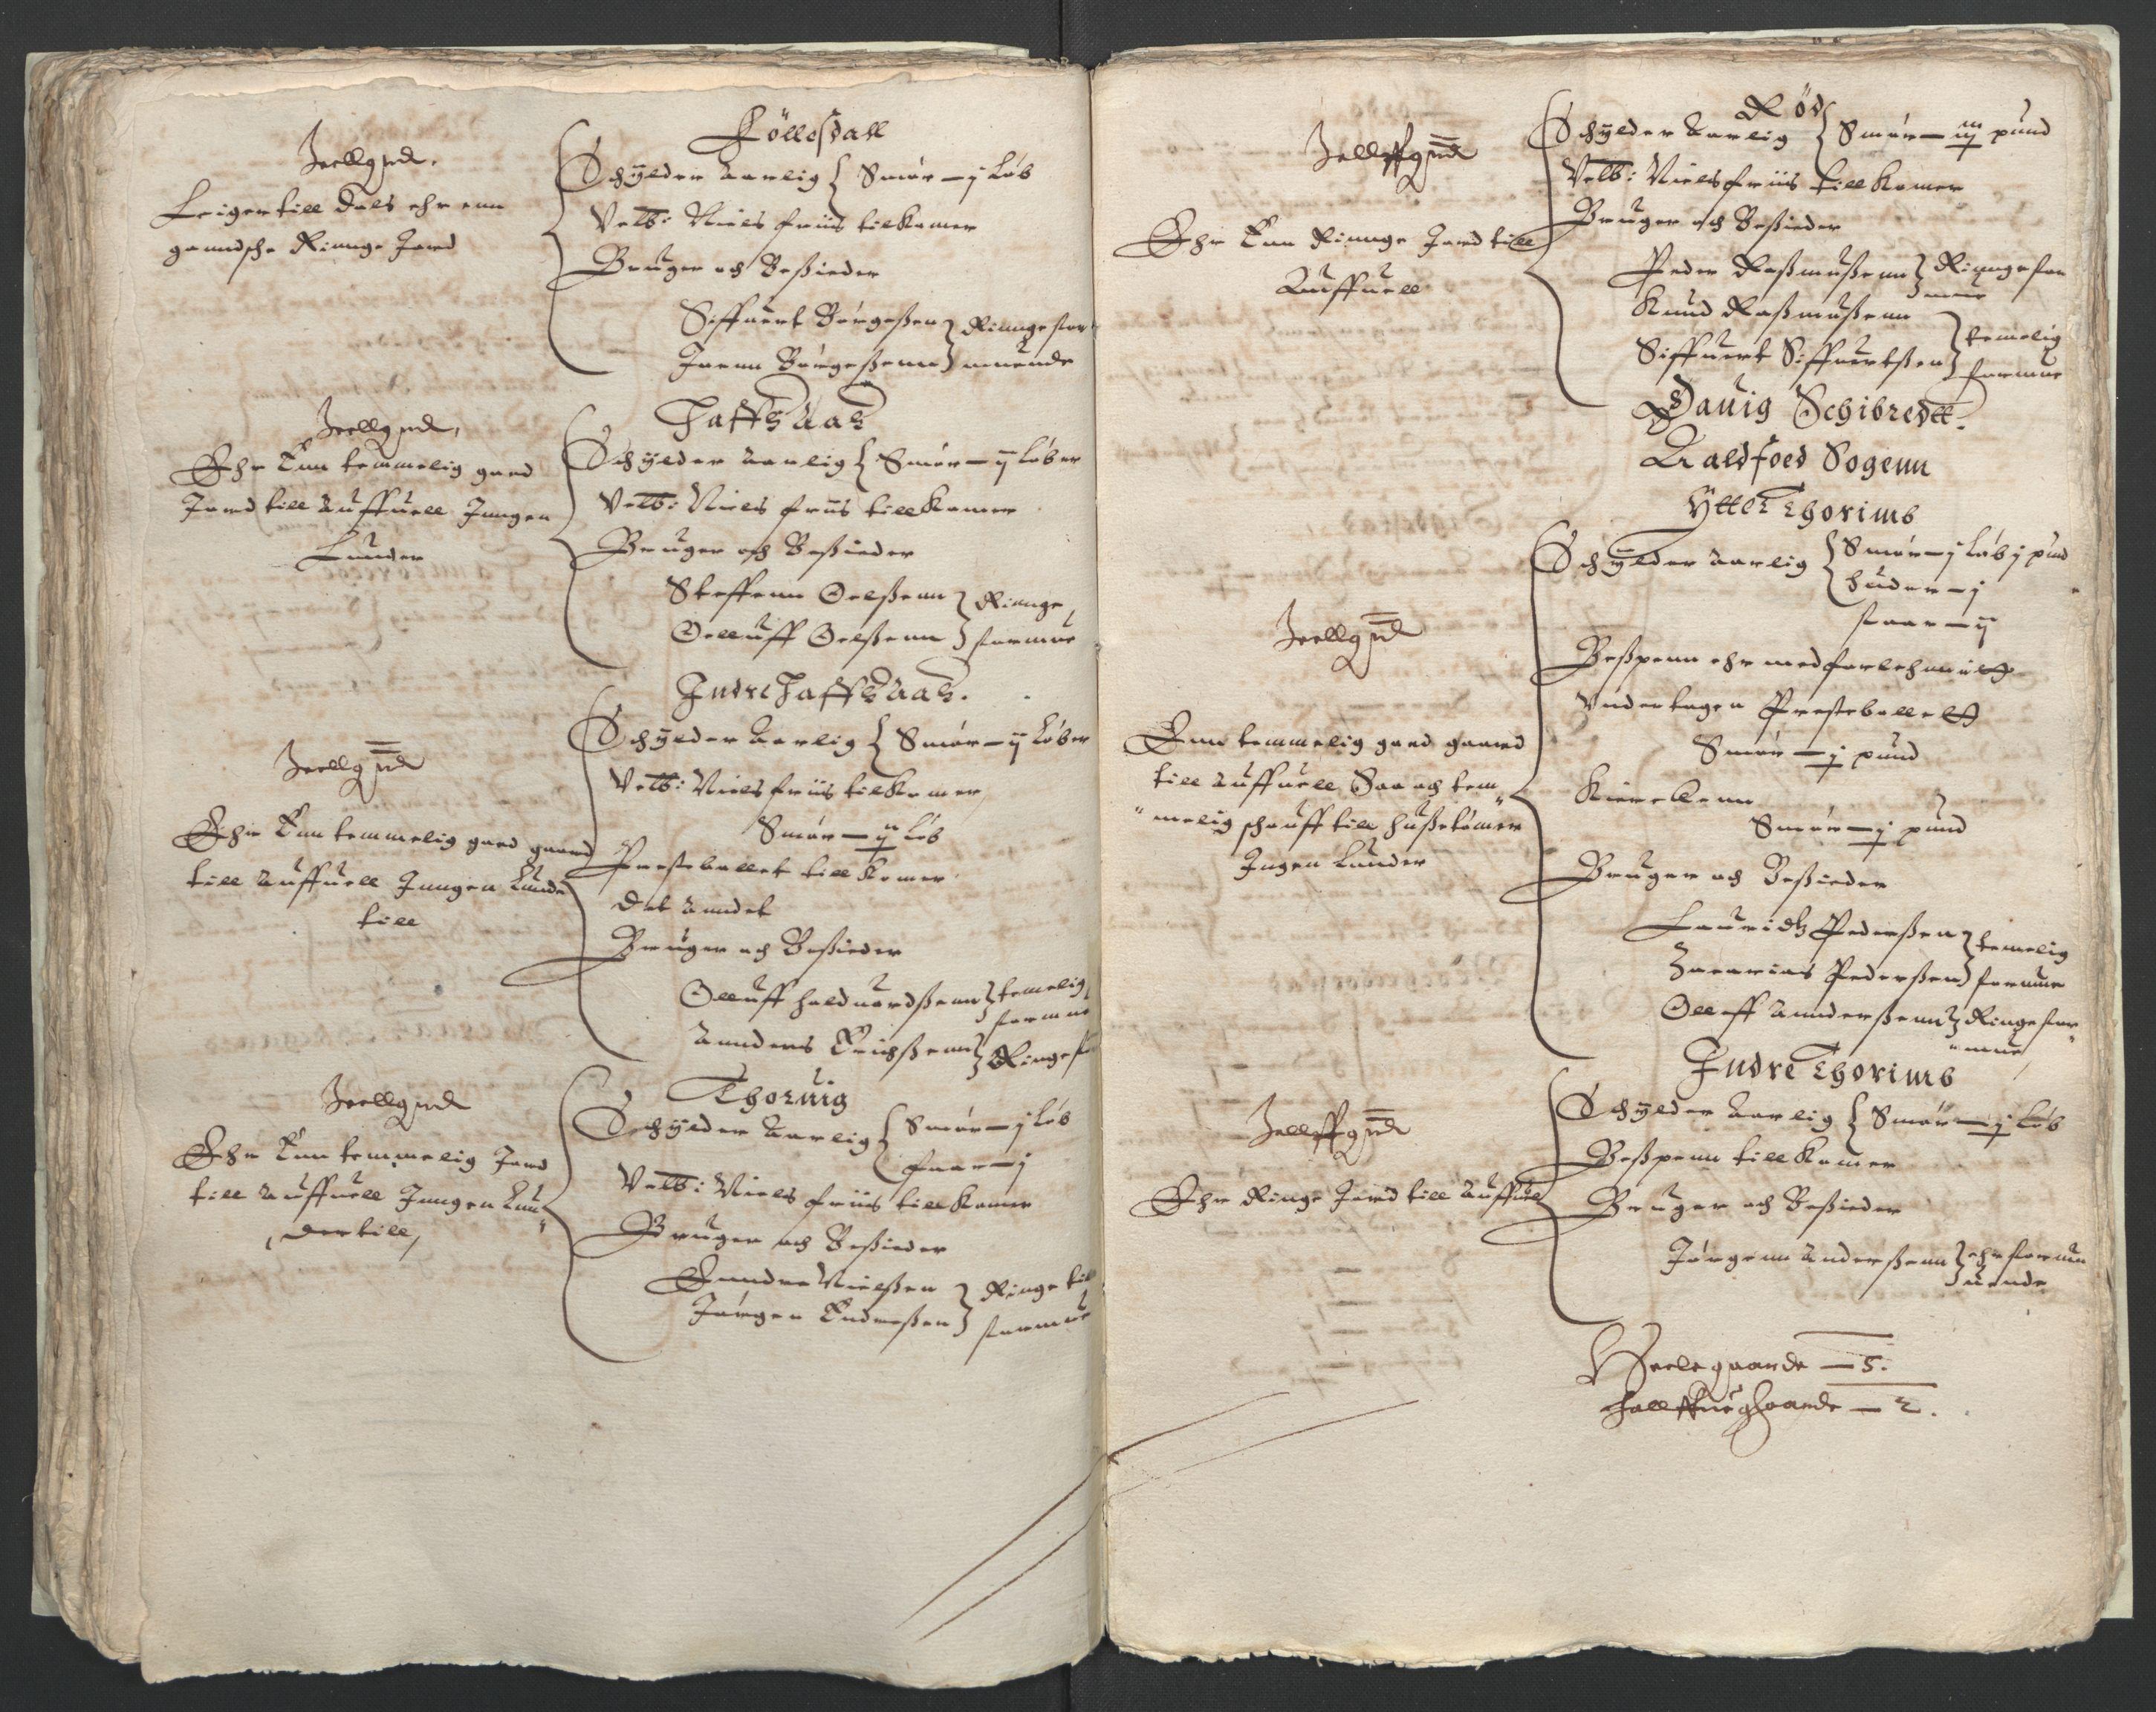 RA, Stattholderembetet 1572-1771, Ek/L0005: Jordebøker til utlikning av garnisonsskatt 1624-1626:, 1626, s. 104